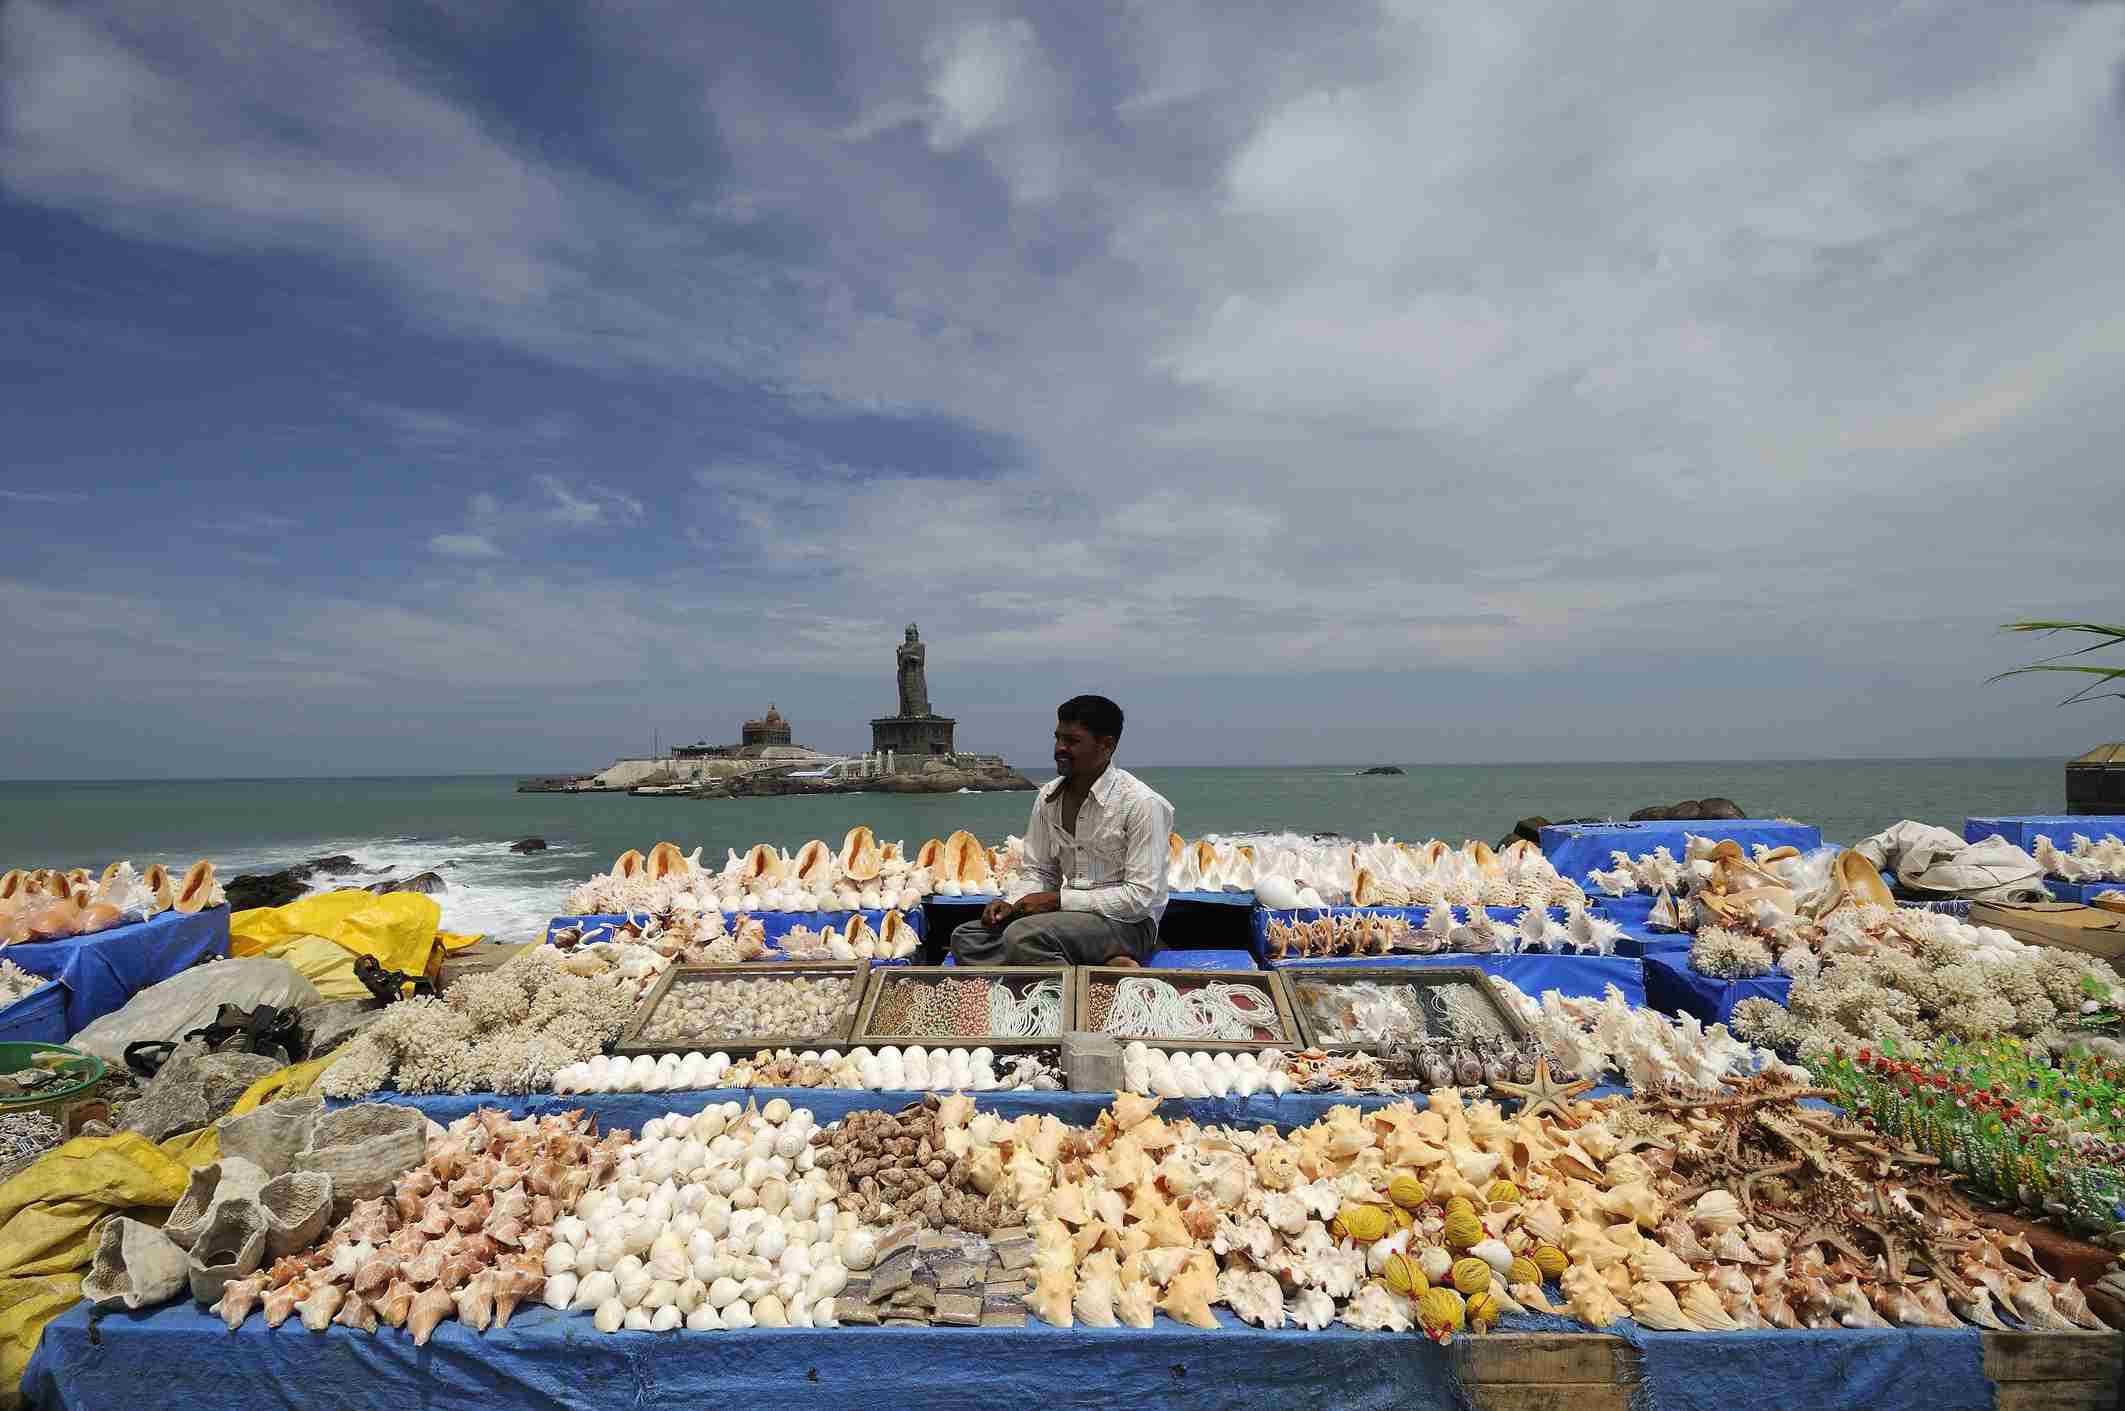 Vendor selling sea shells at Kanyakumari.